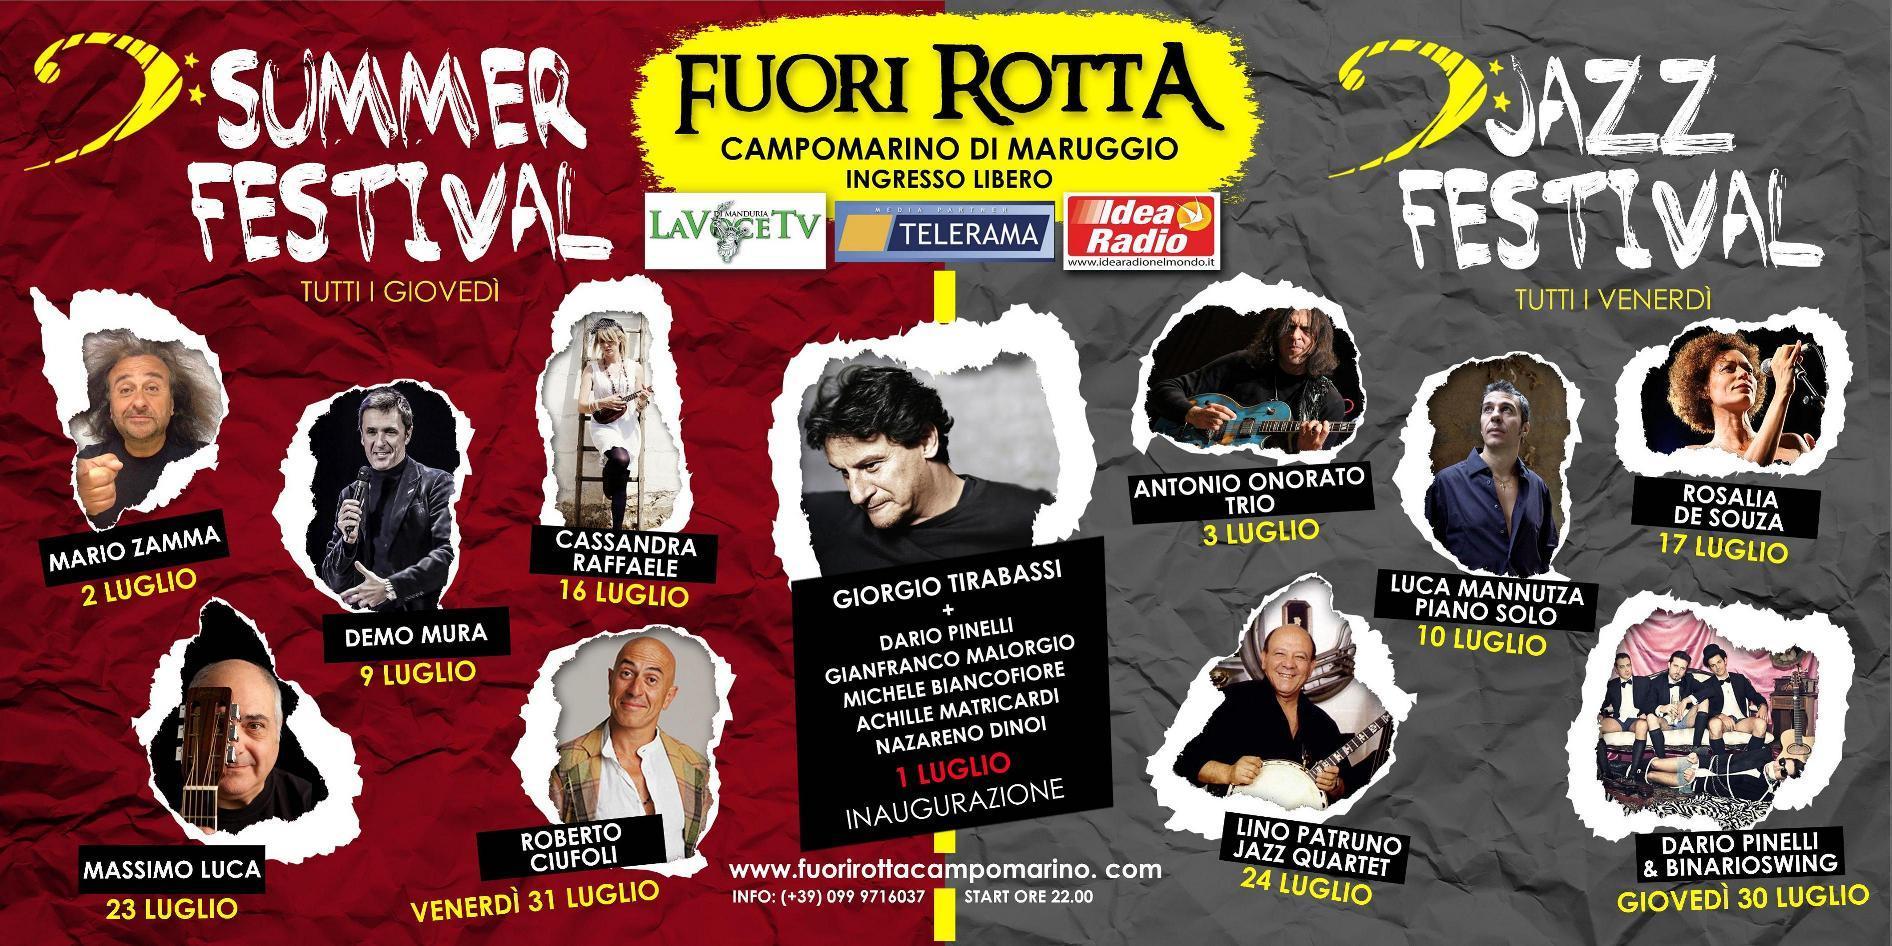 Summer Festival e Jazz Festival Fuori Rotta – Campomarino di Maruggio